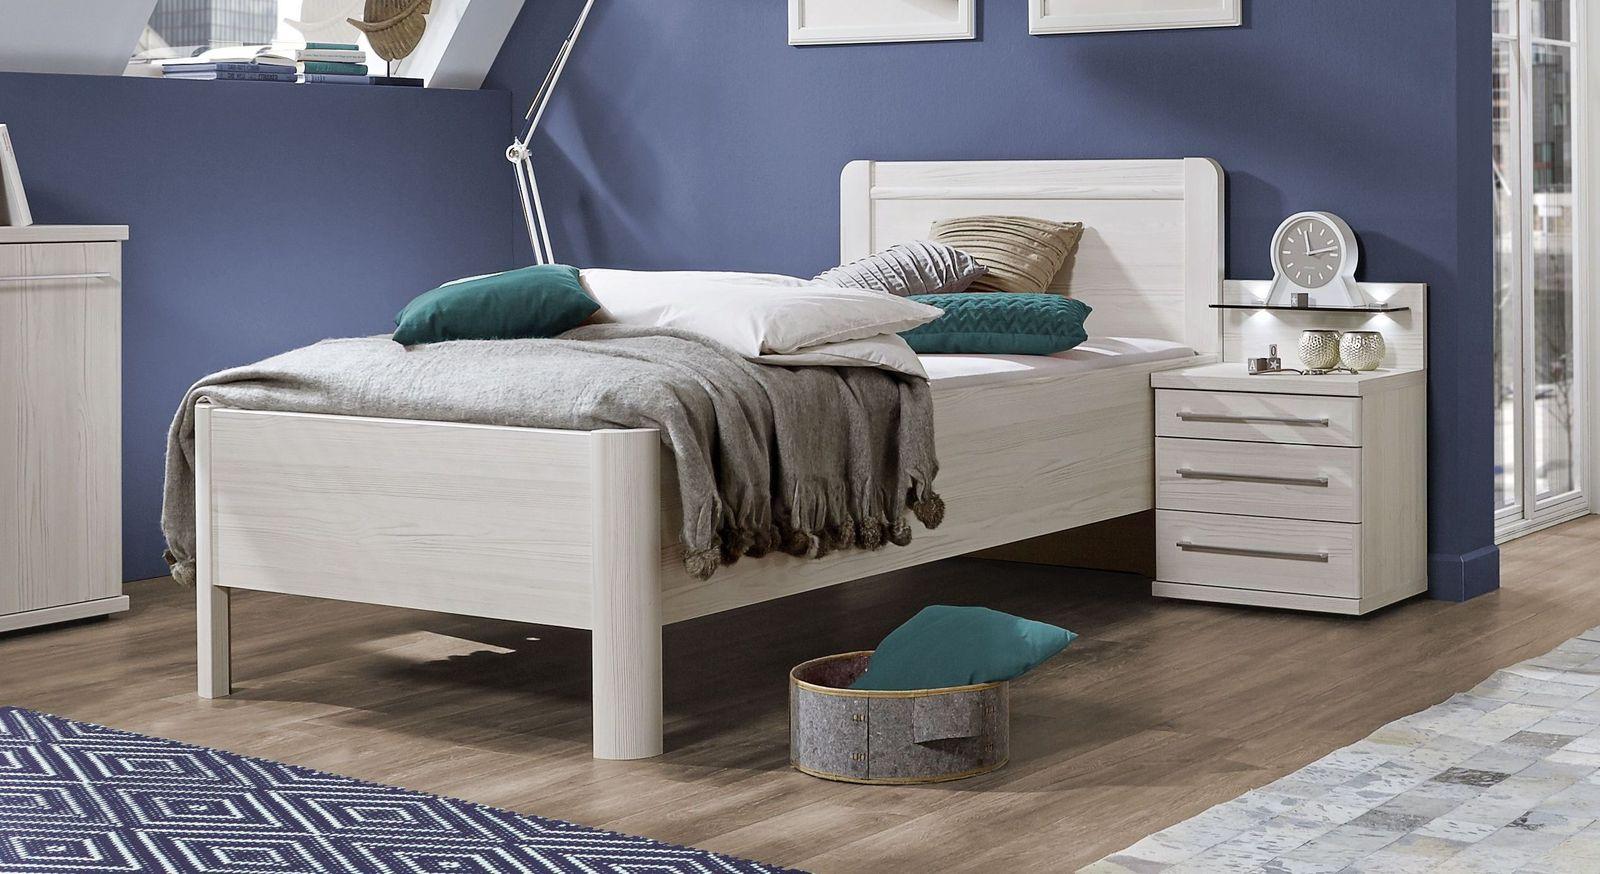 Komfort-Einzelbett Apolda mit abgerundeten Kanten